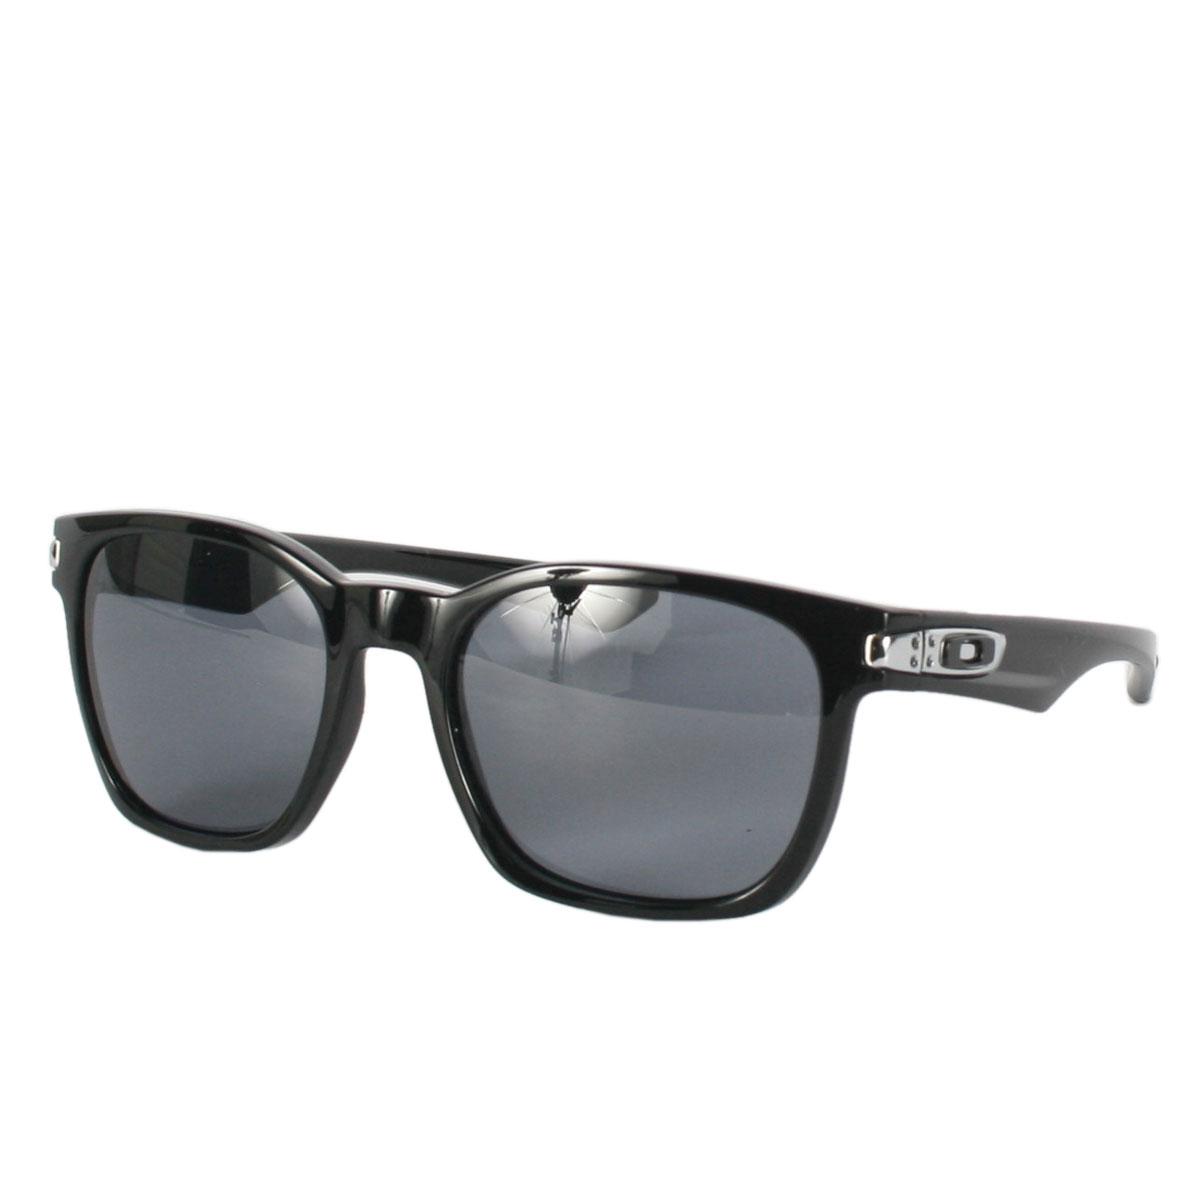 Oakley Mens Garage Rock Sunglasses In Polished Black W